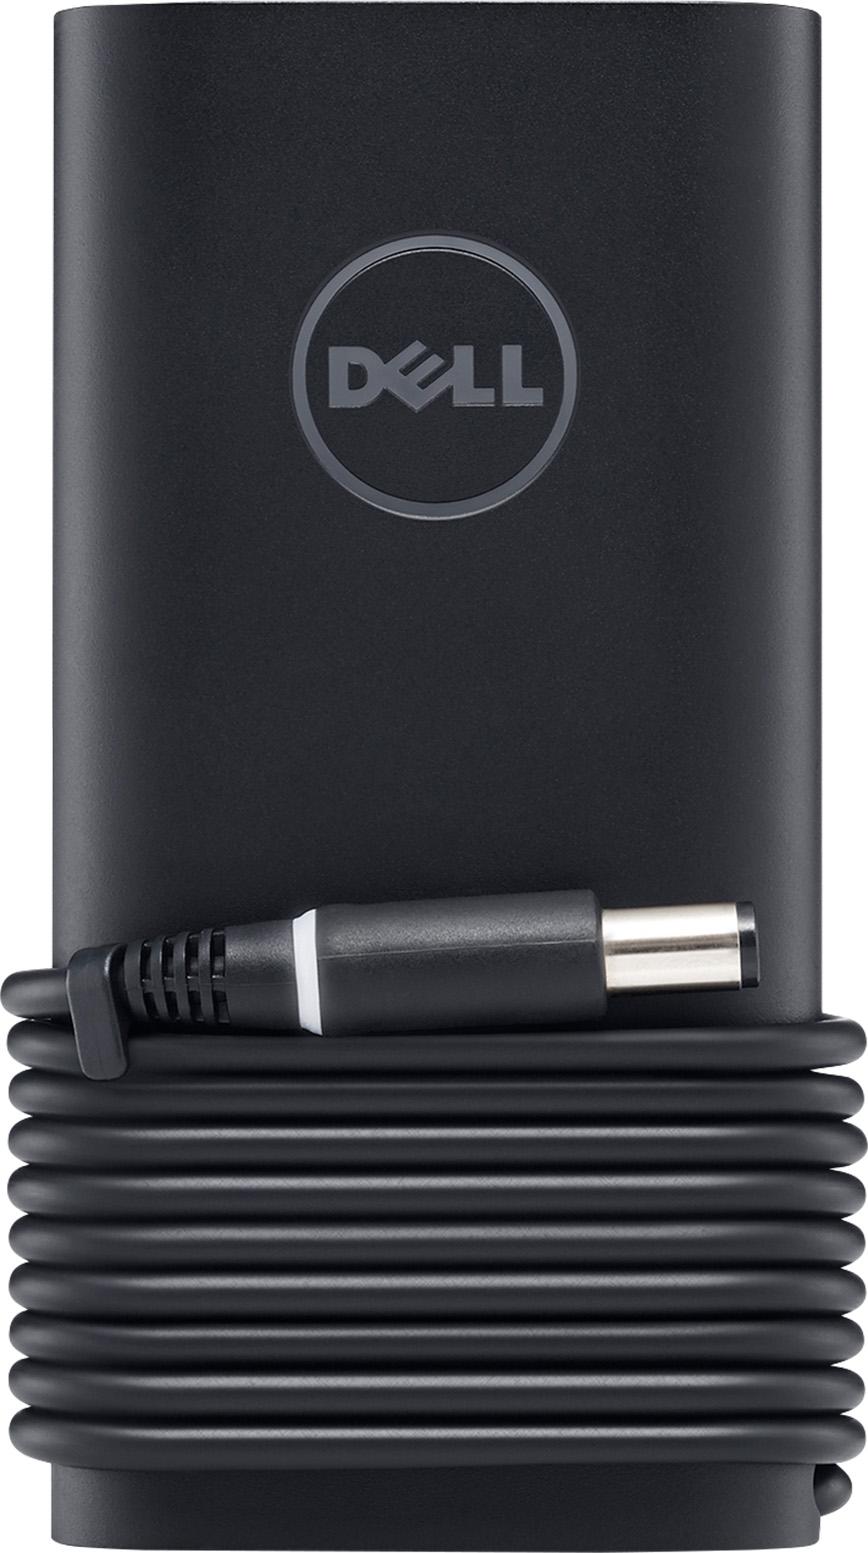 Dell Power Companion (18,000 mAh) - PW7015L